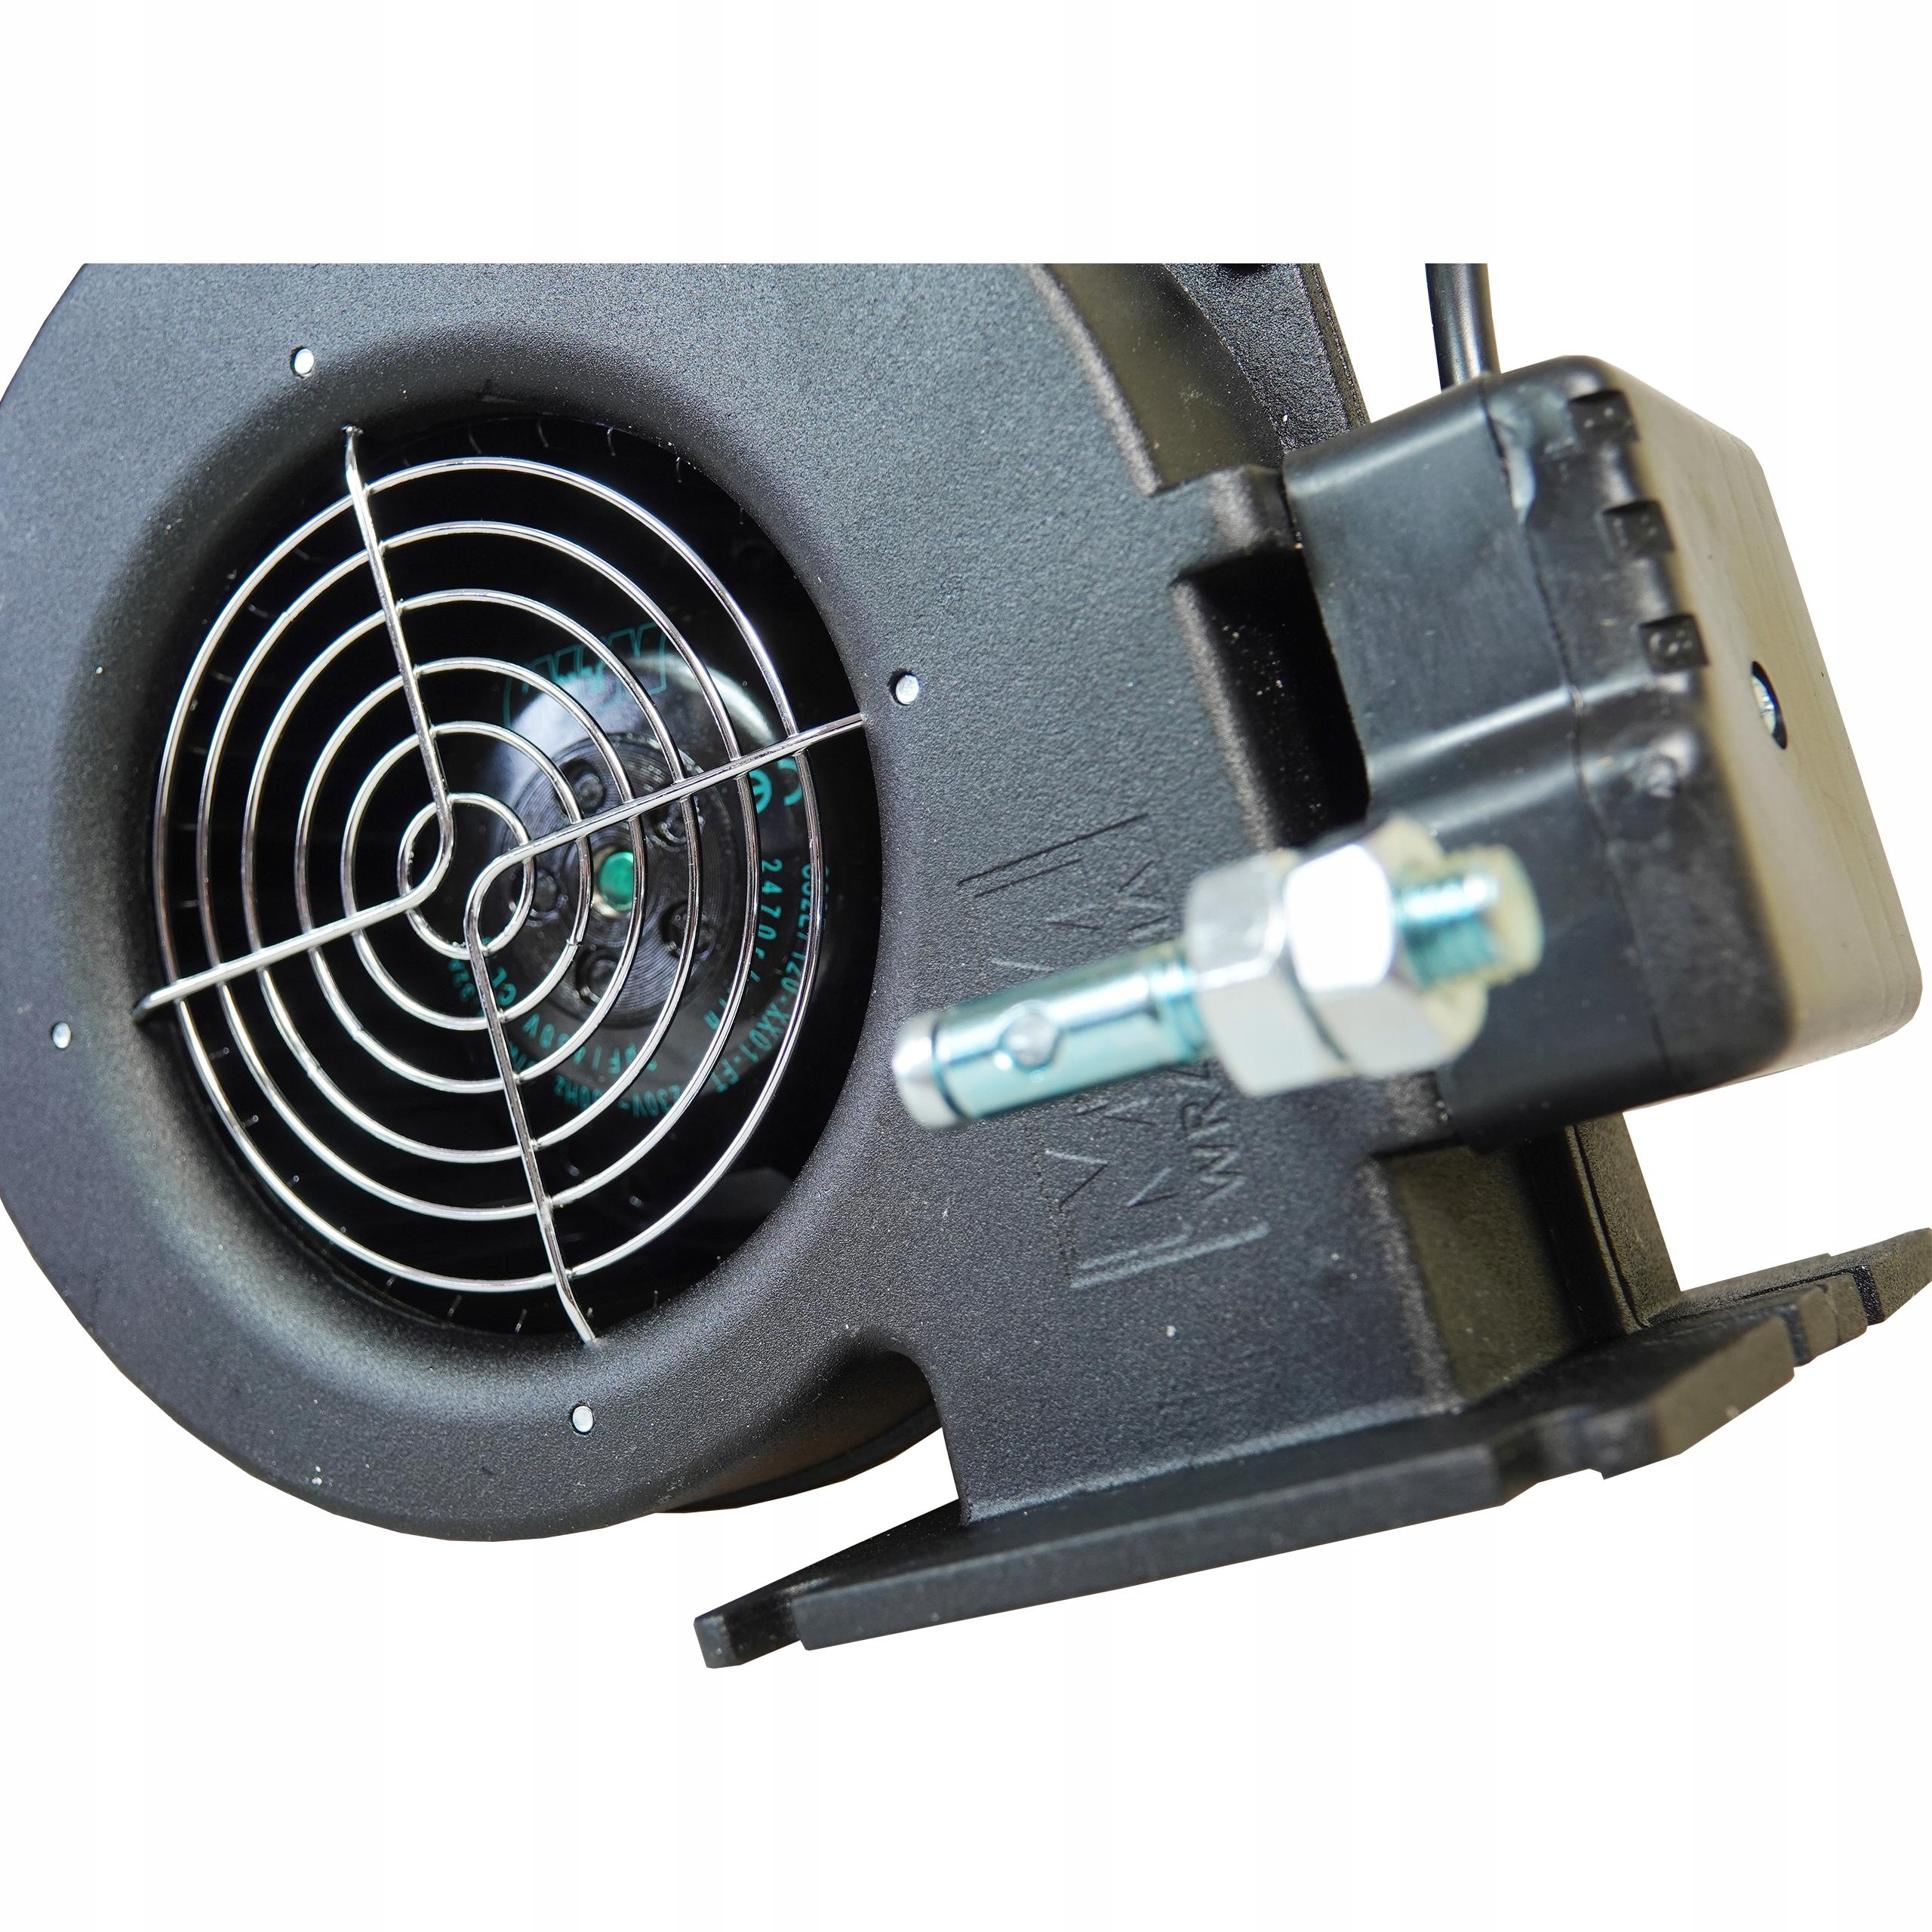 Dúchadlo WPA x2 ventilátor kotlovej pece WPA 120 67W Hmotnosť produktu s samostatným balením 2,6 kg